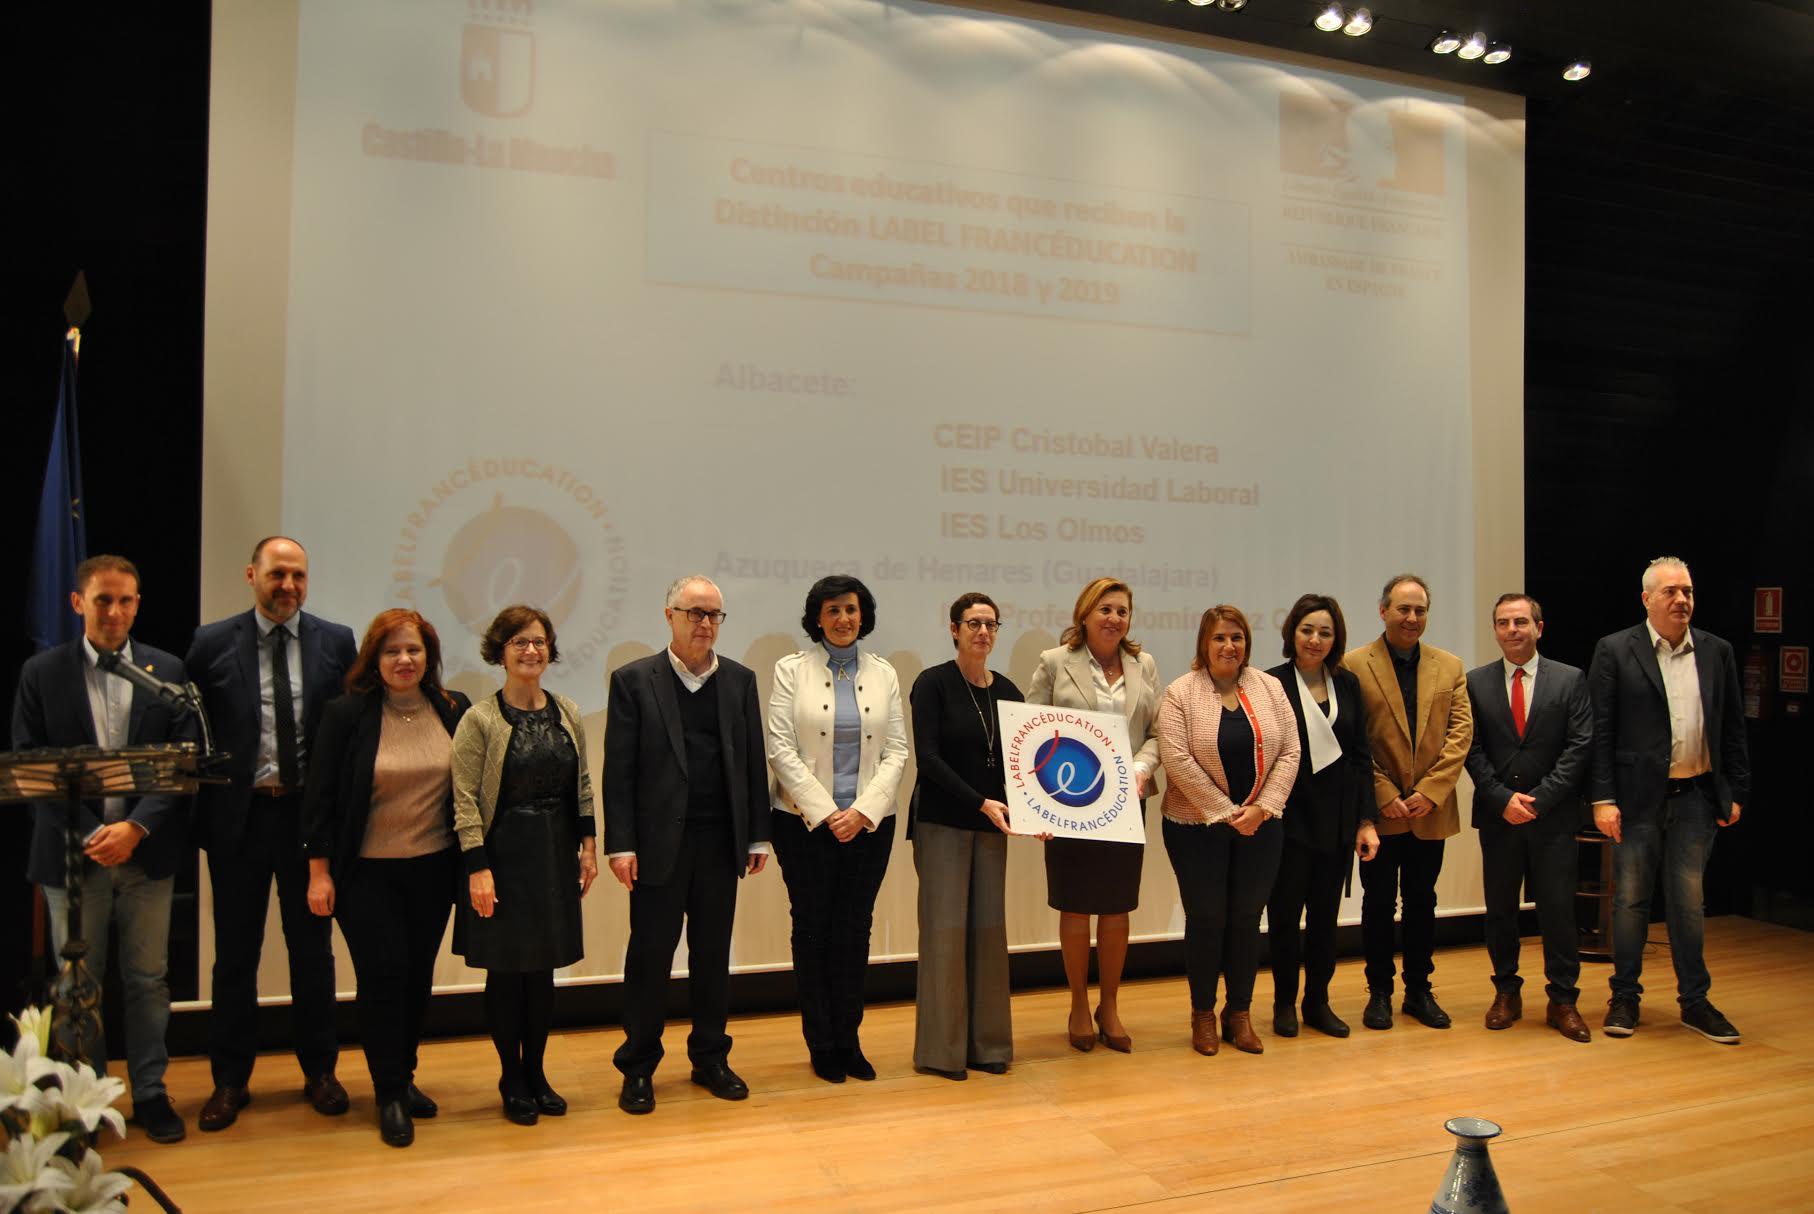 Francia premia al IES 'Juan Antonio Castro' de Talavera con el sello de calidad 'LabelFrancEducation' - www.lavozdeltajo.com